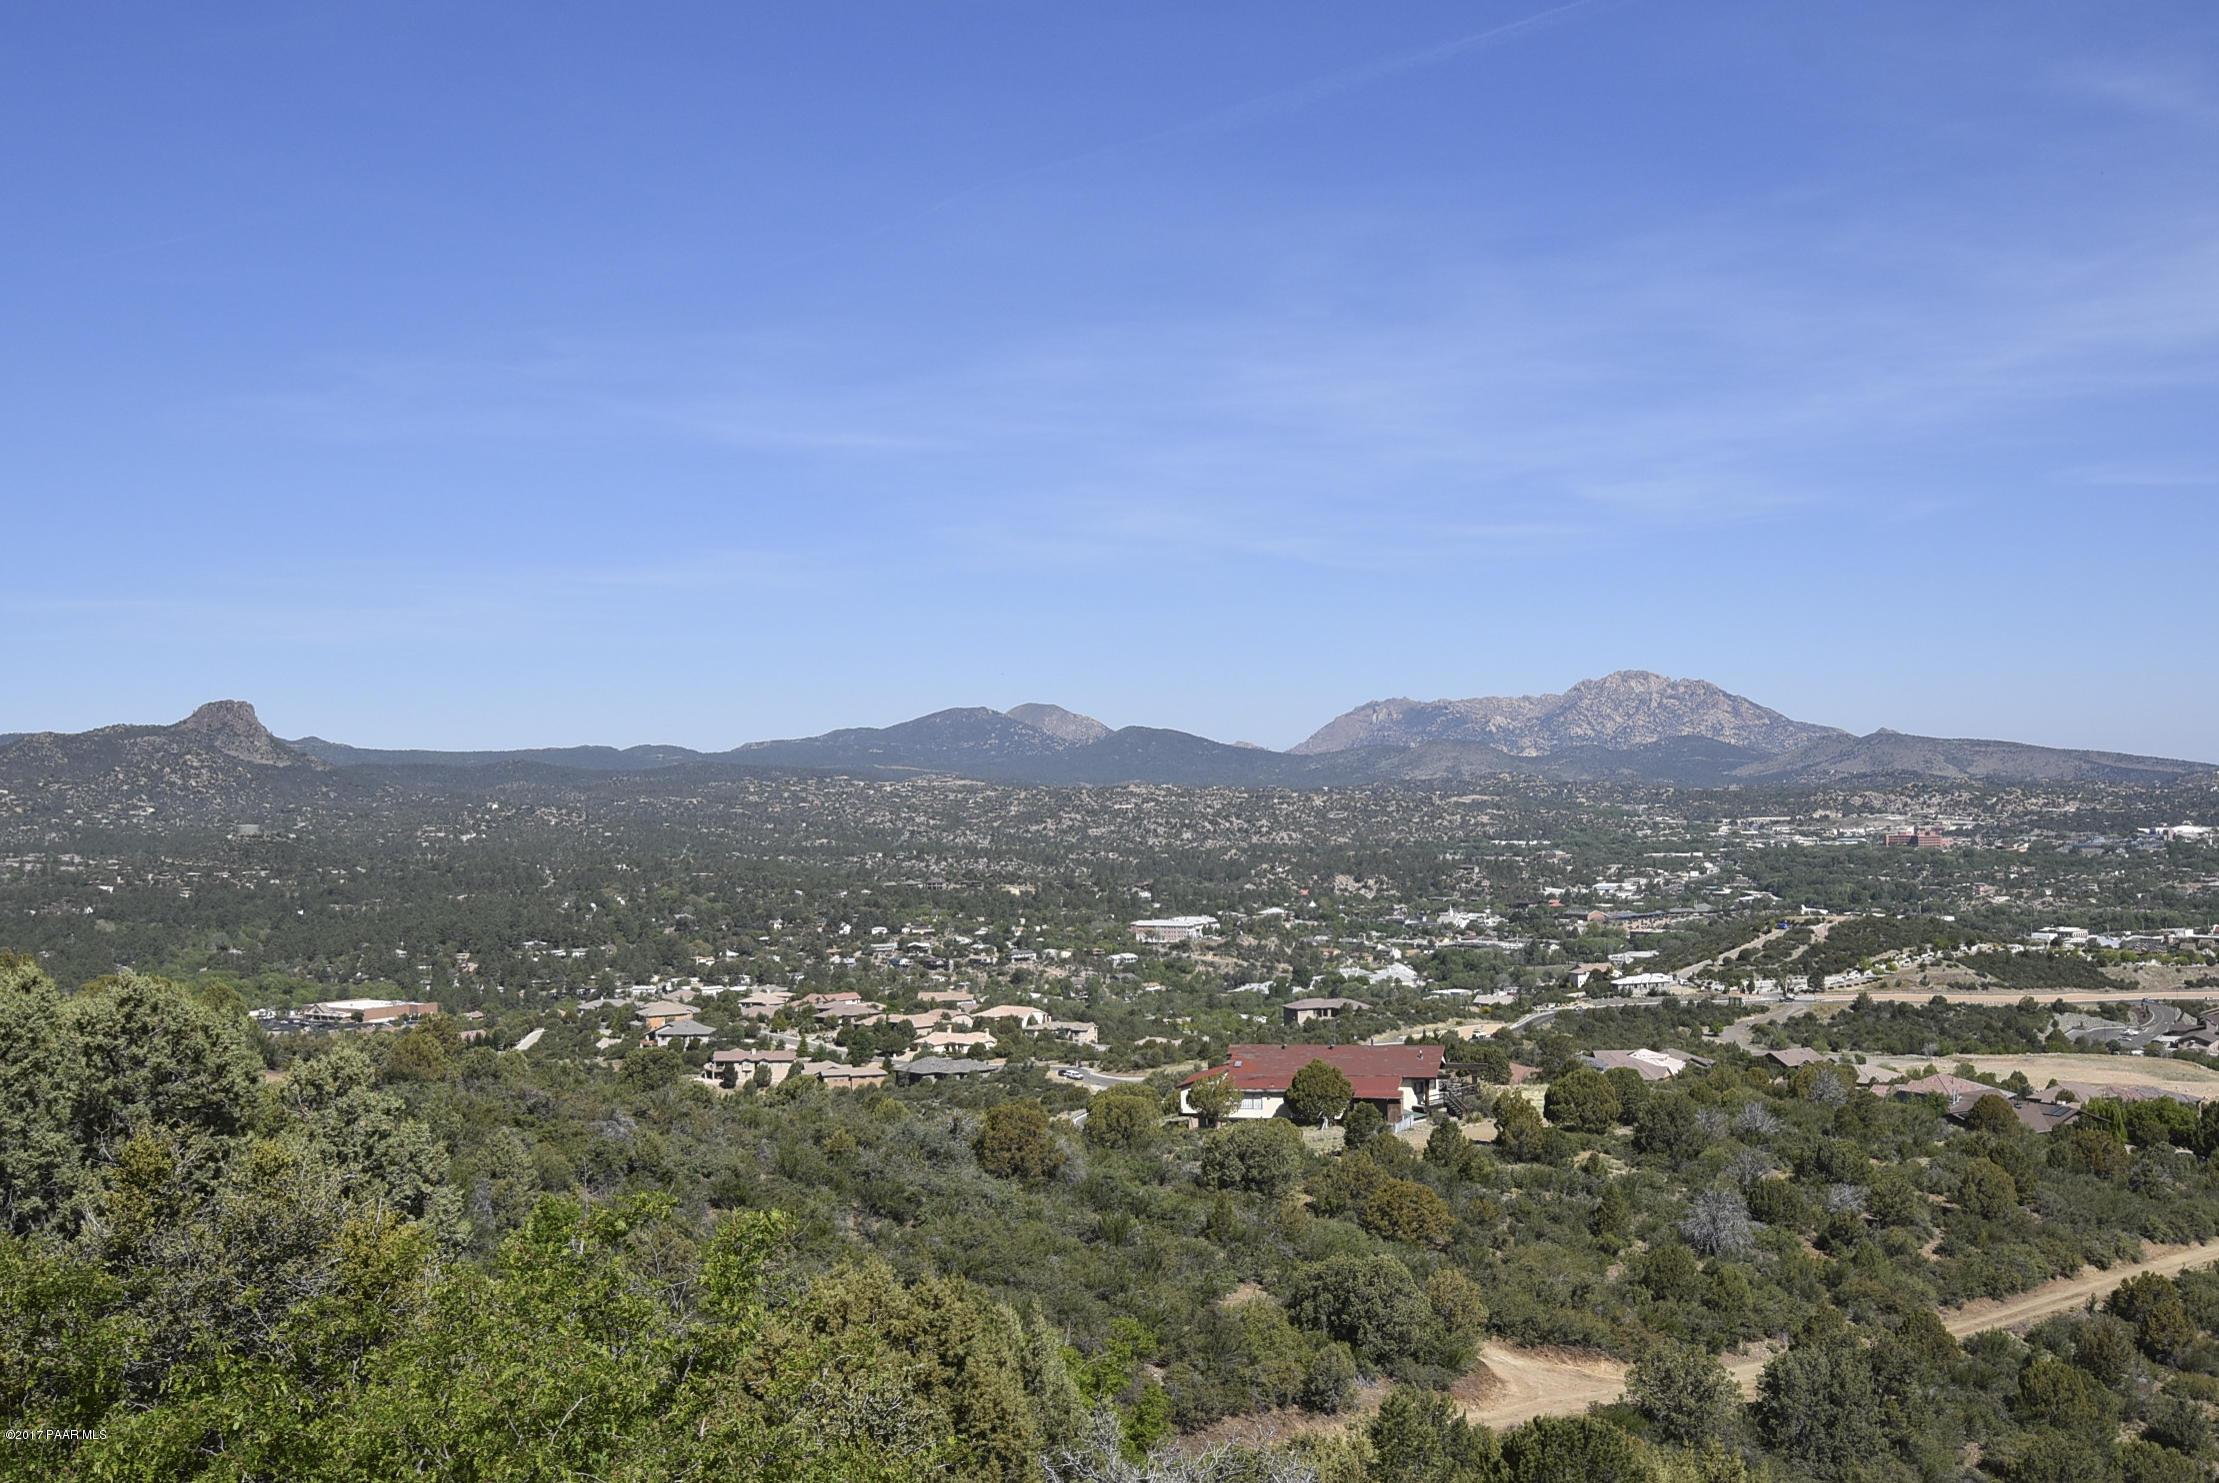 1 Off Upper Sky Terrace Drive, Prescott, AZ 86303 – PENDING